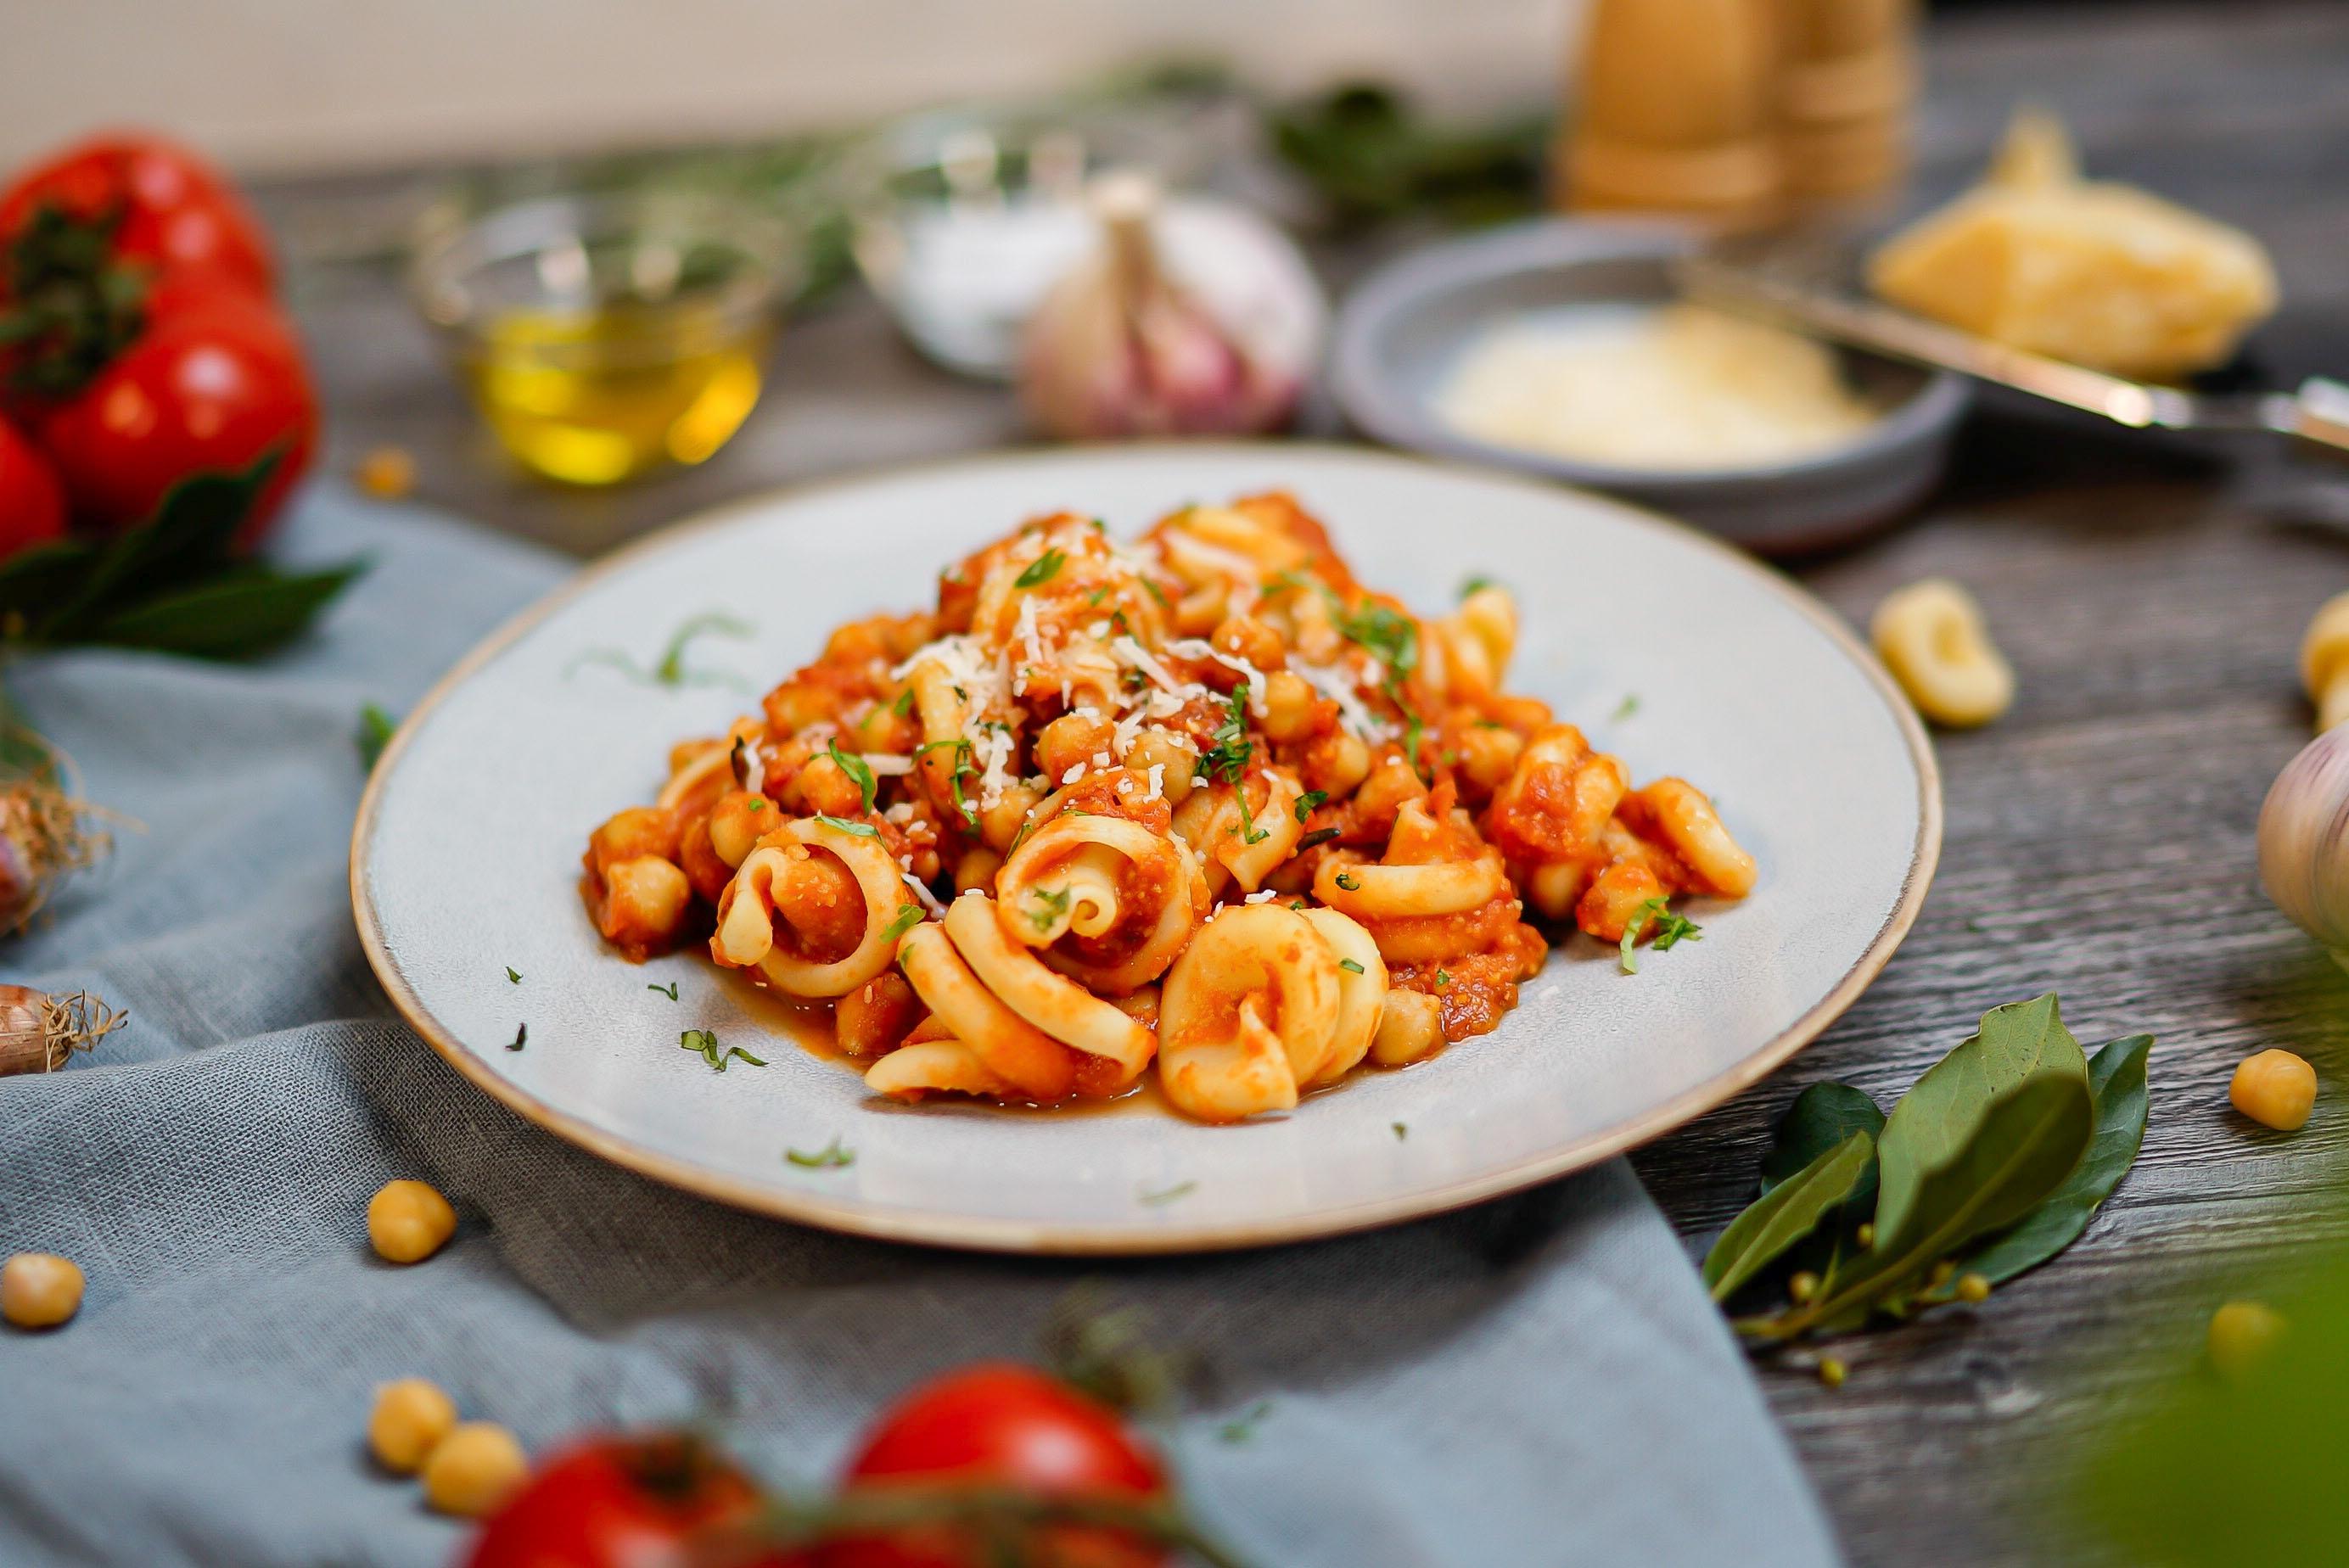 Frische Kräuter, milder Knoblauch, aromatische Tomaten von ORO di Parma und Olivenöl geben der Pasta e Ceci die mediterrane Note. Foto: djd/ORO di Parma